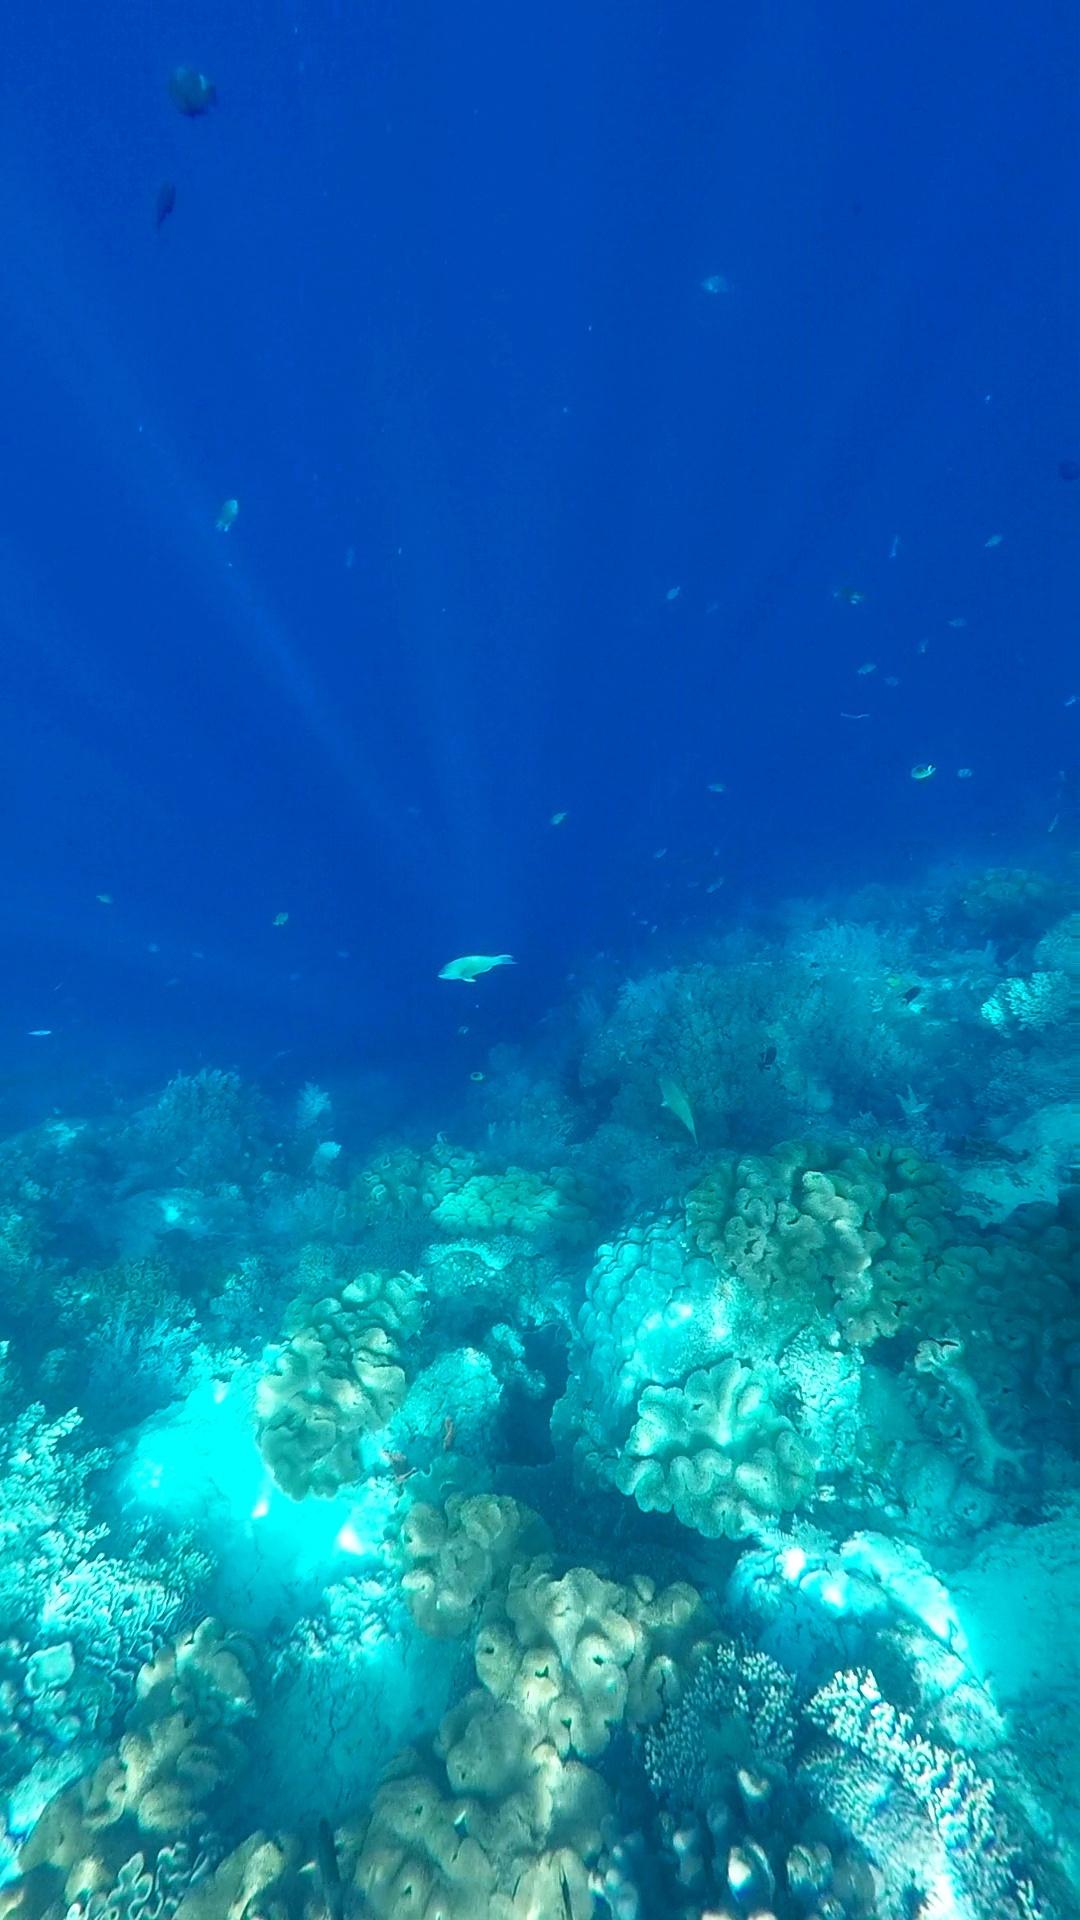 Menikmati Banda Neira Dari Pala Hingga Biota Lautnya